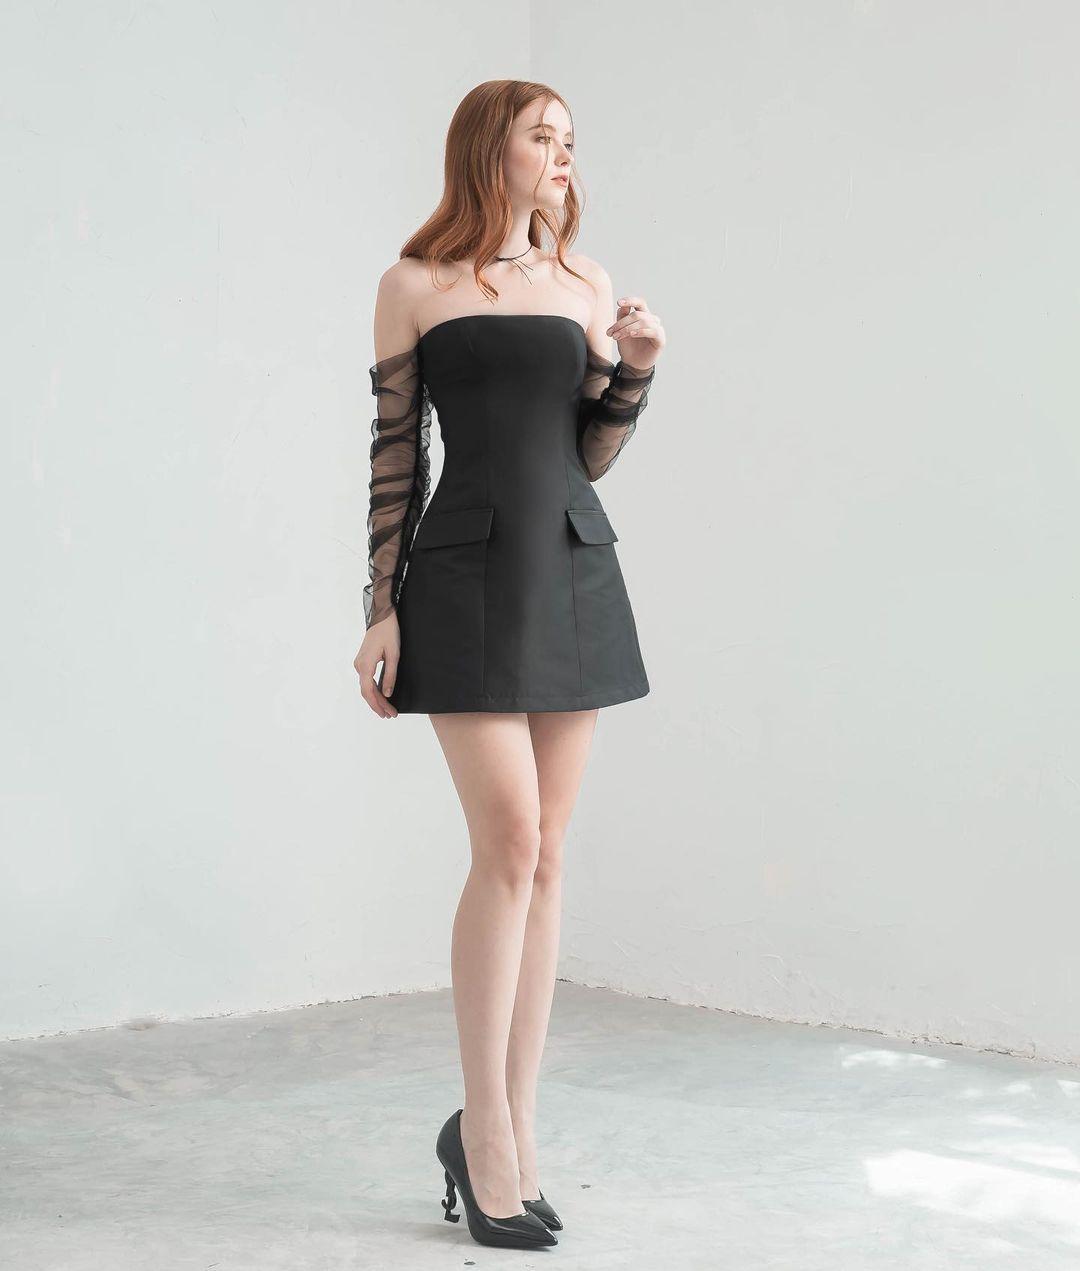 10 mẫu váy vừa điệu vừa sang cho nàng công sở, diện mùa lễ hội cuối năm là chiếm trọn spotlight - Ảnh 11.